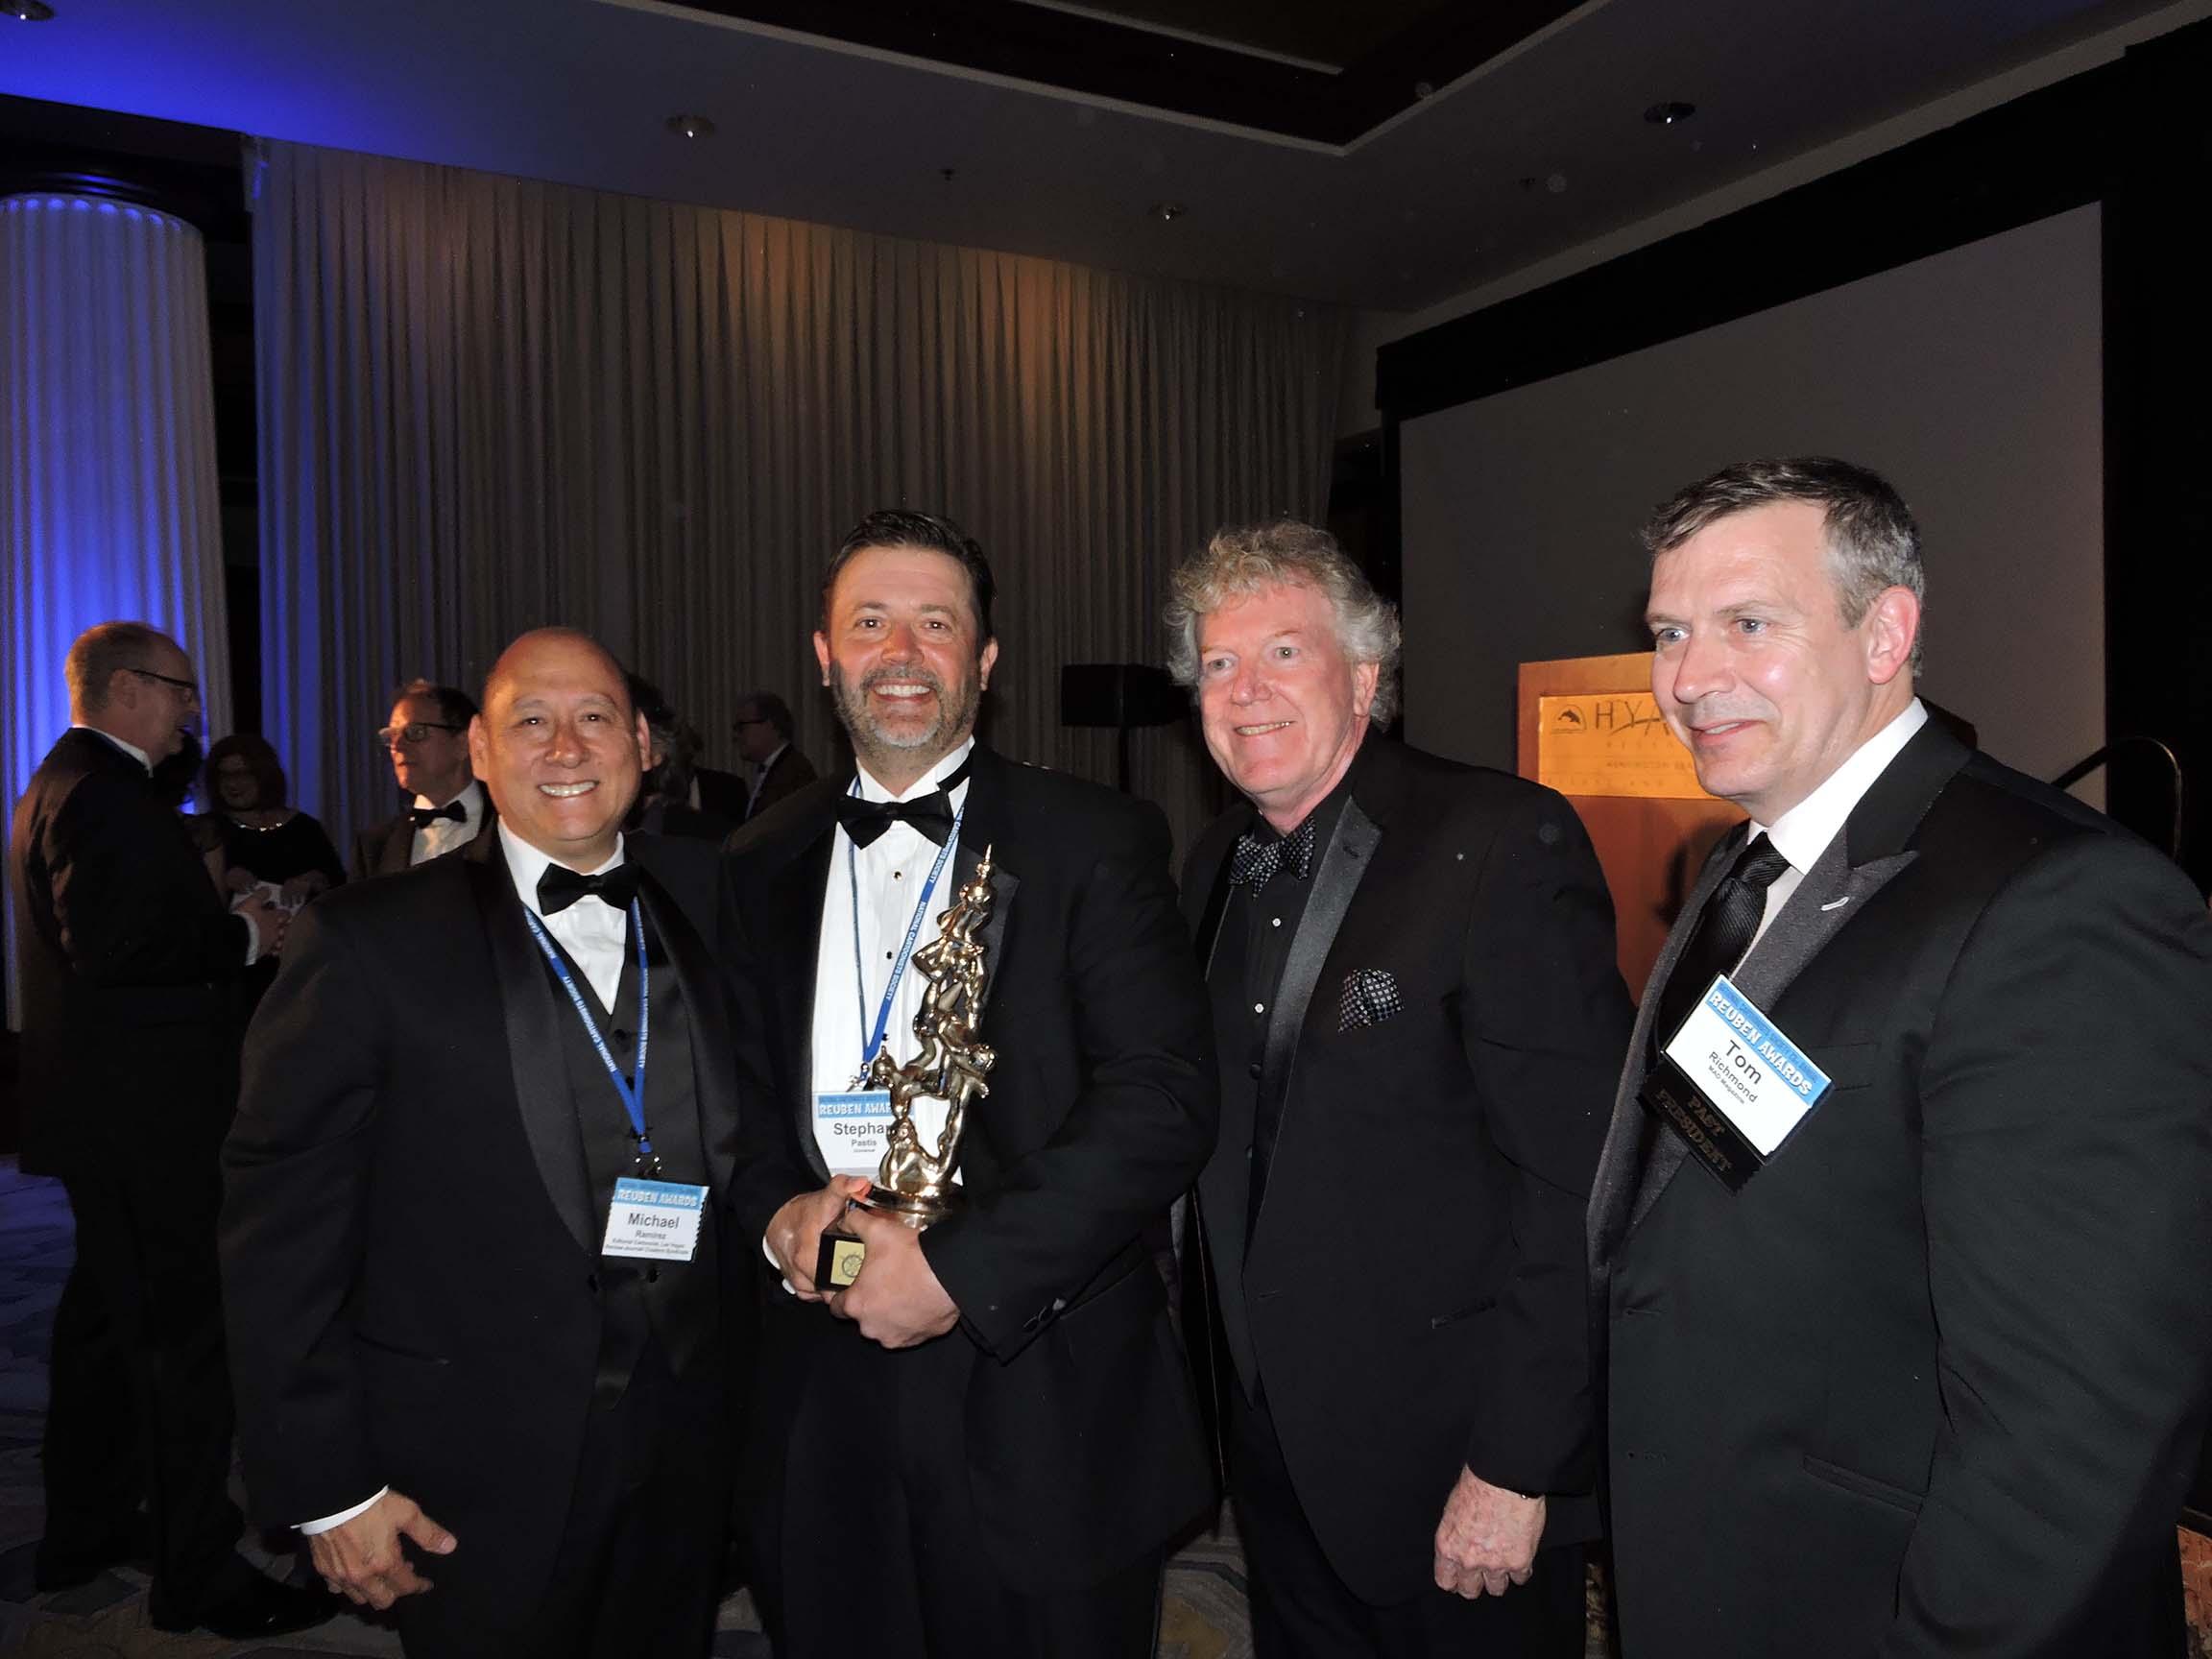 Michael Ramirez, Stephan Pastis, Jeff Keane and Tom Richmond (l-r)